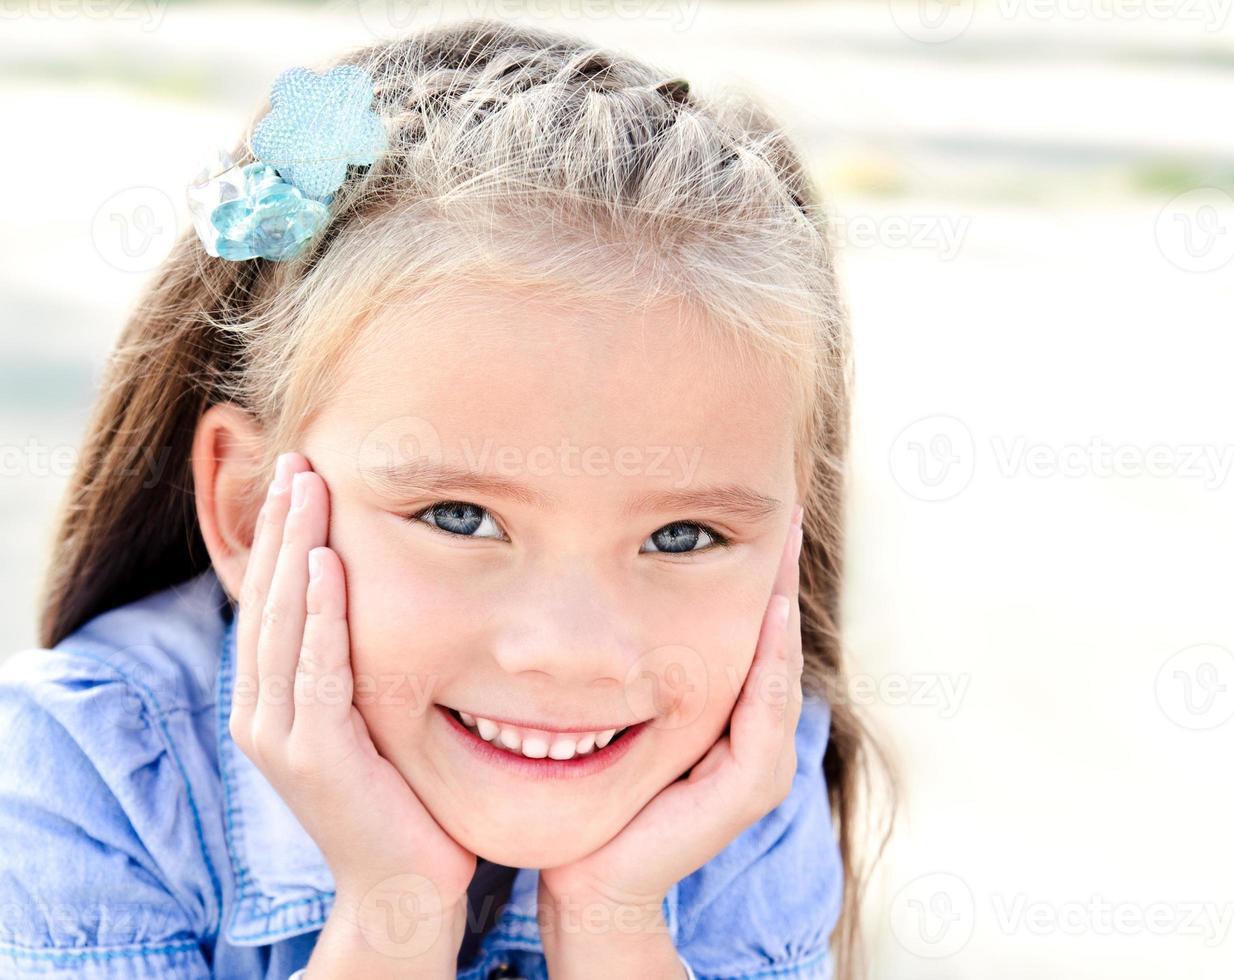 Ritratto di adorabile bambina sorridente foto